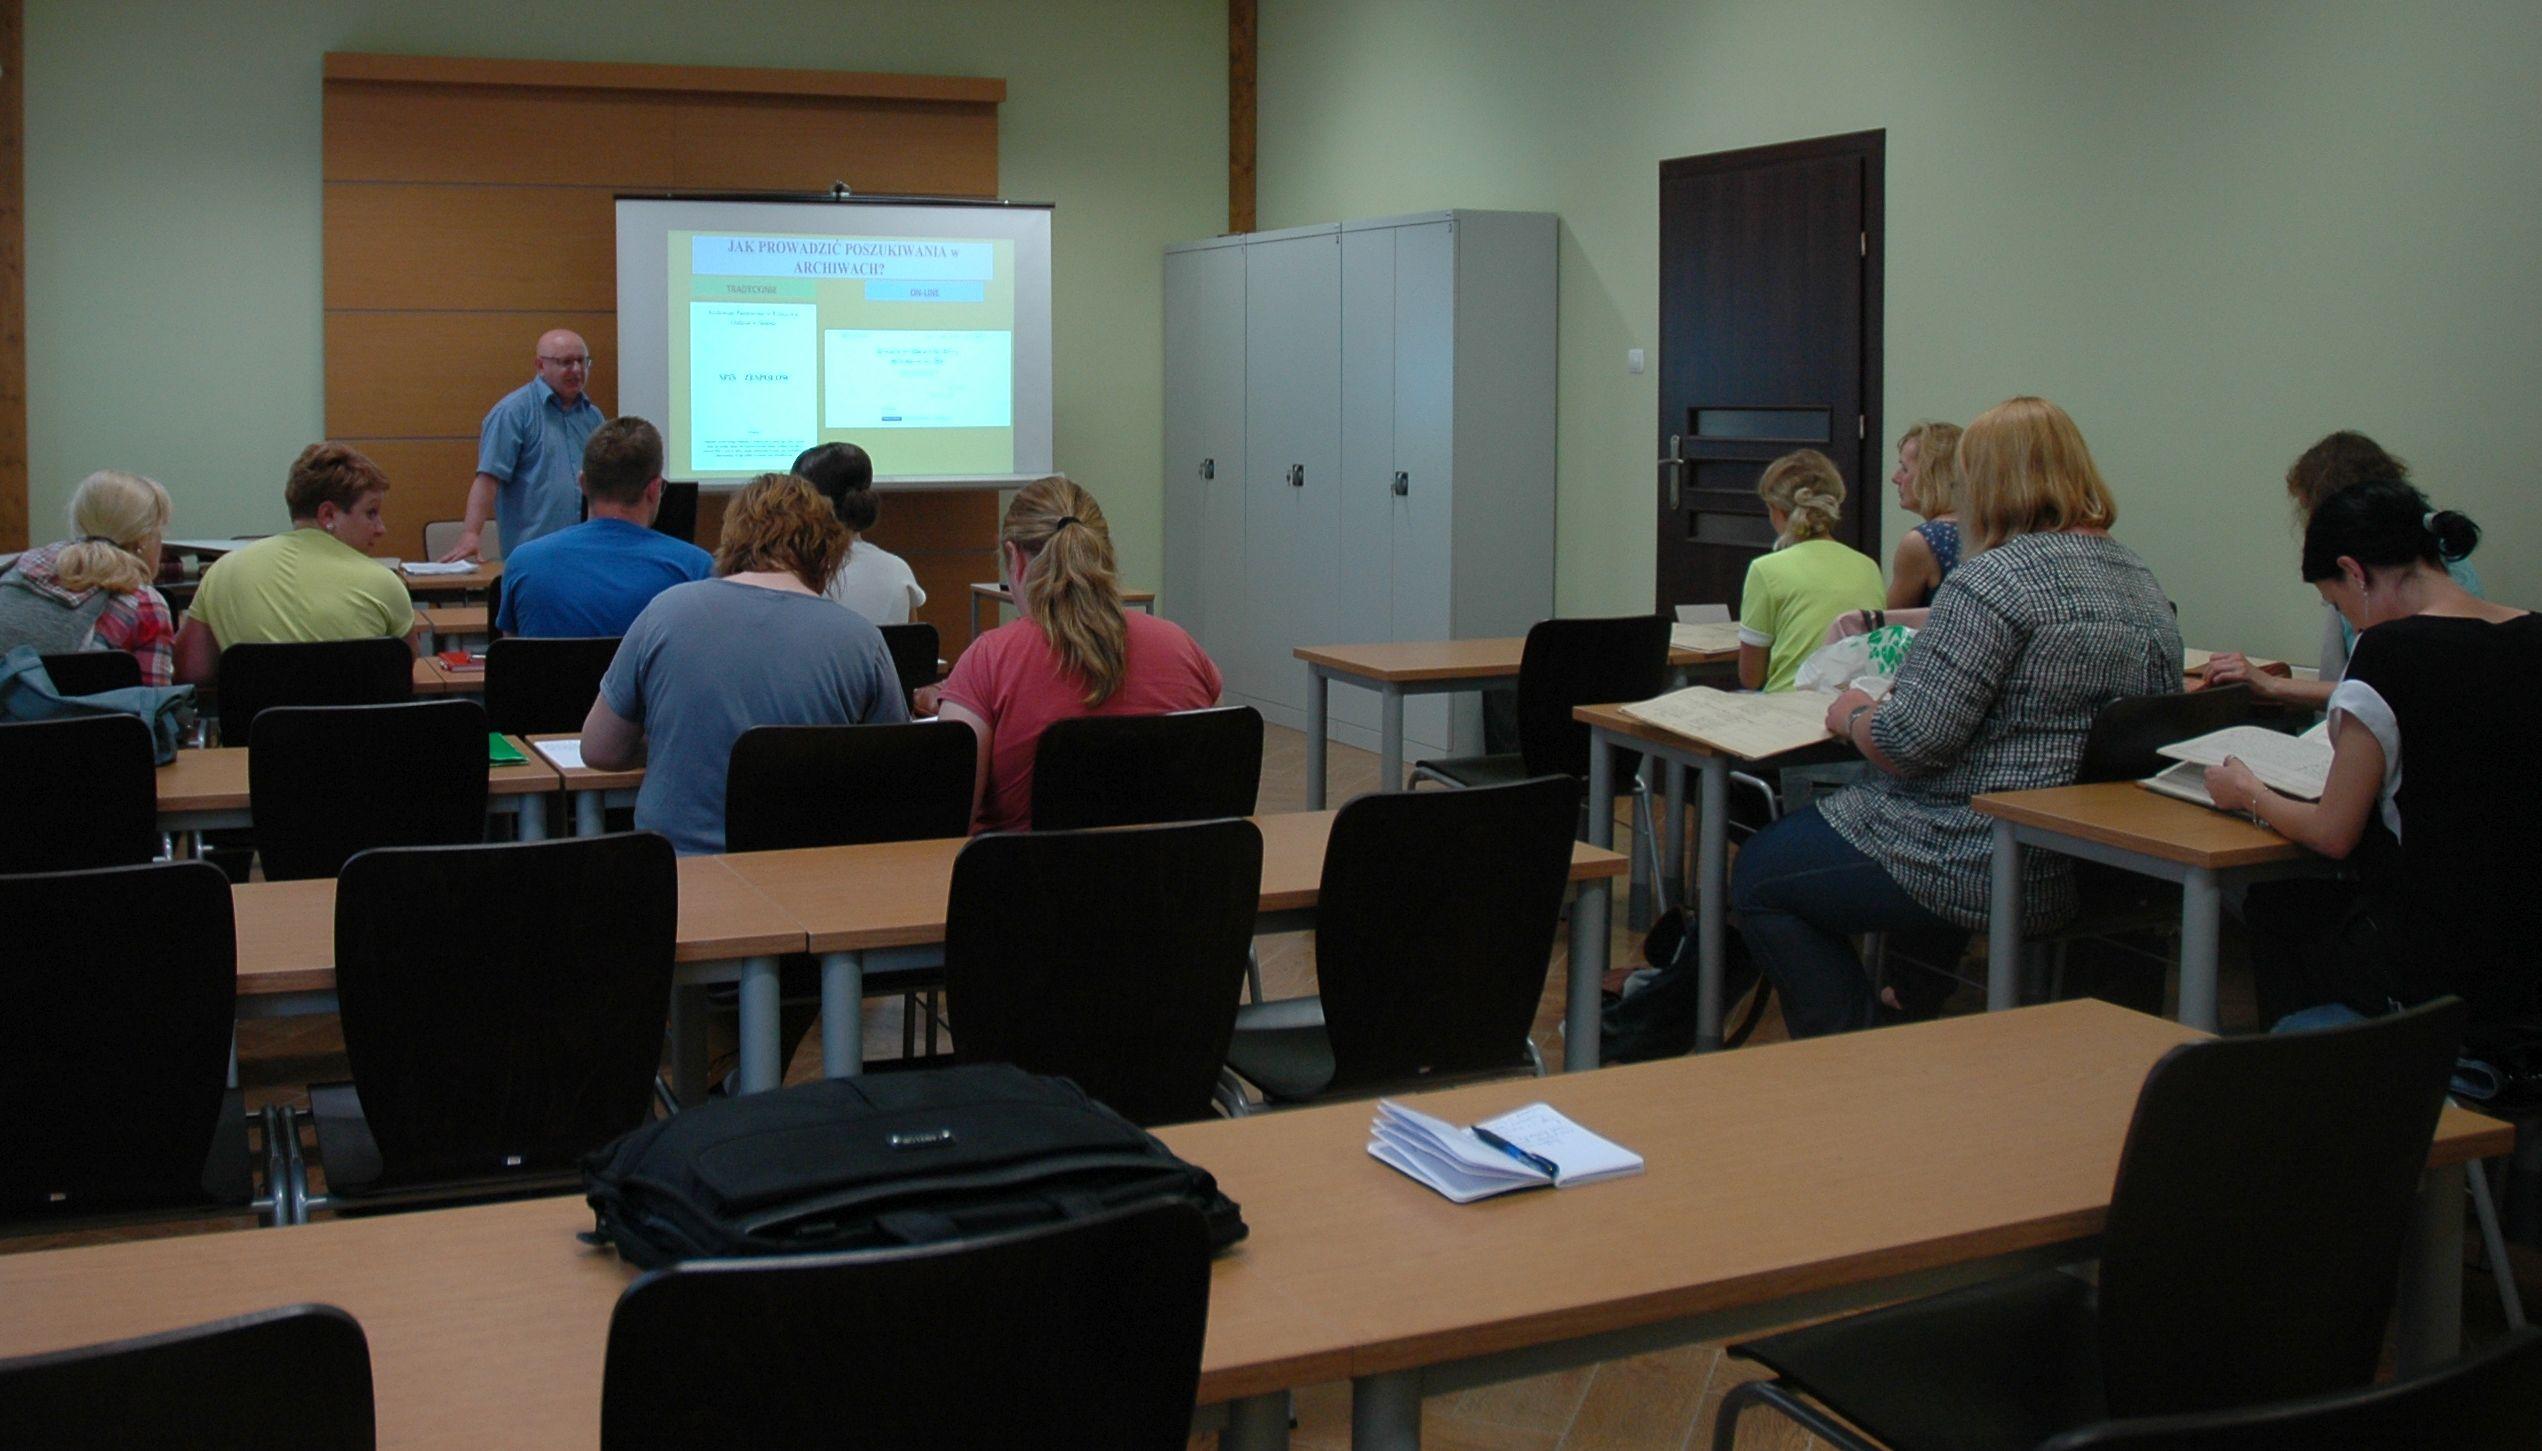 lekcja archiwalna - sala wraz z uczestnikami